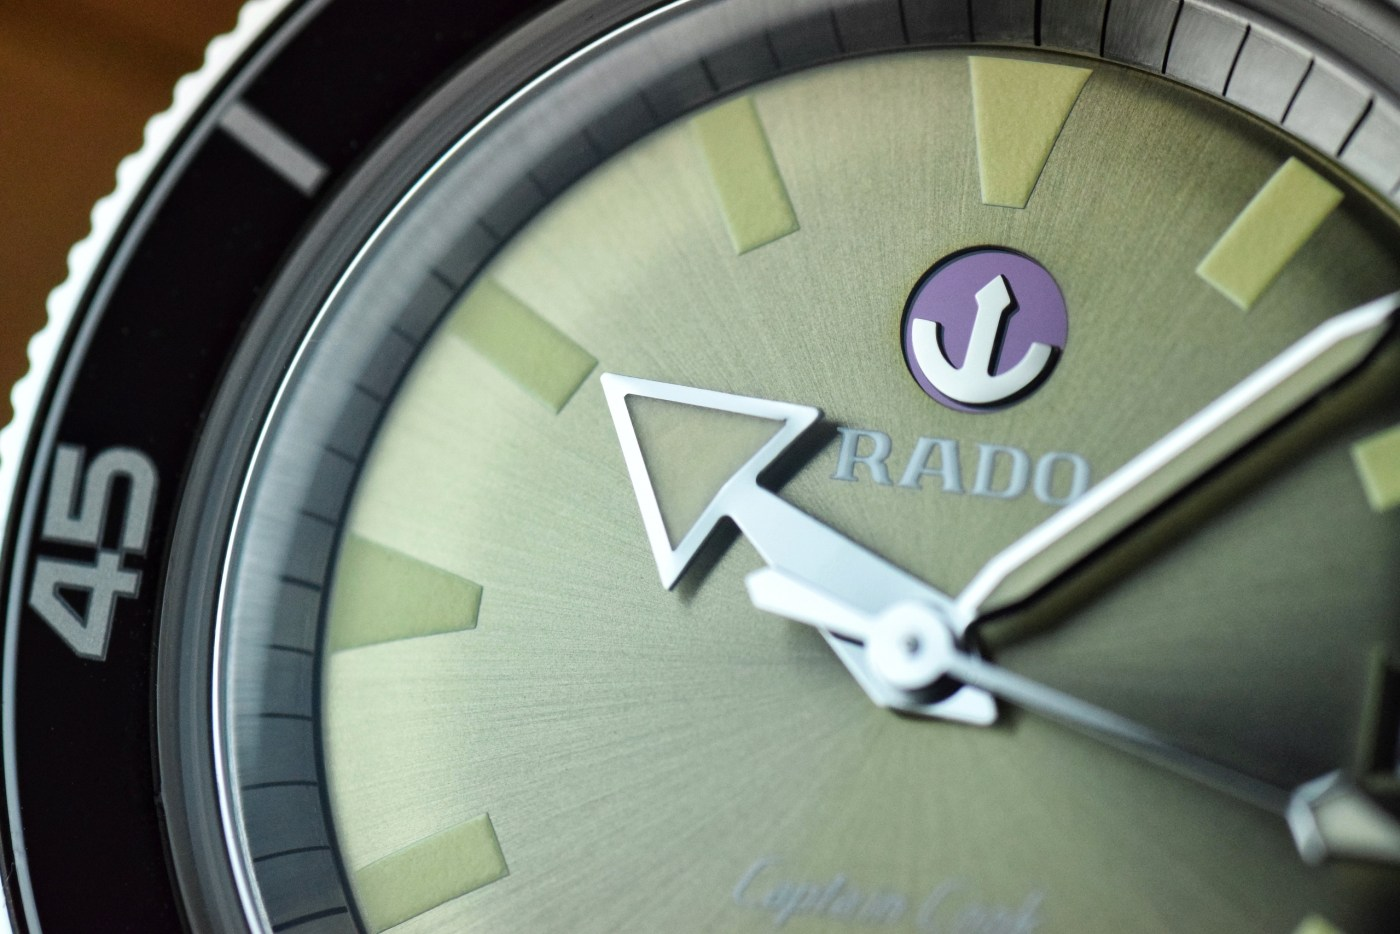 Rado Captain Cook Automatic dial close-up